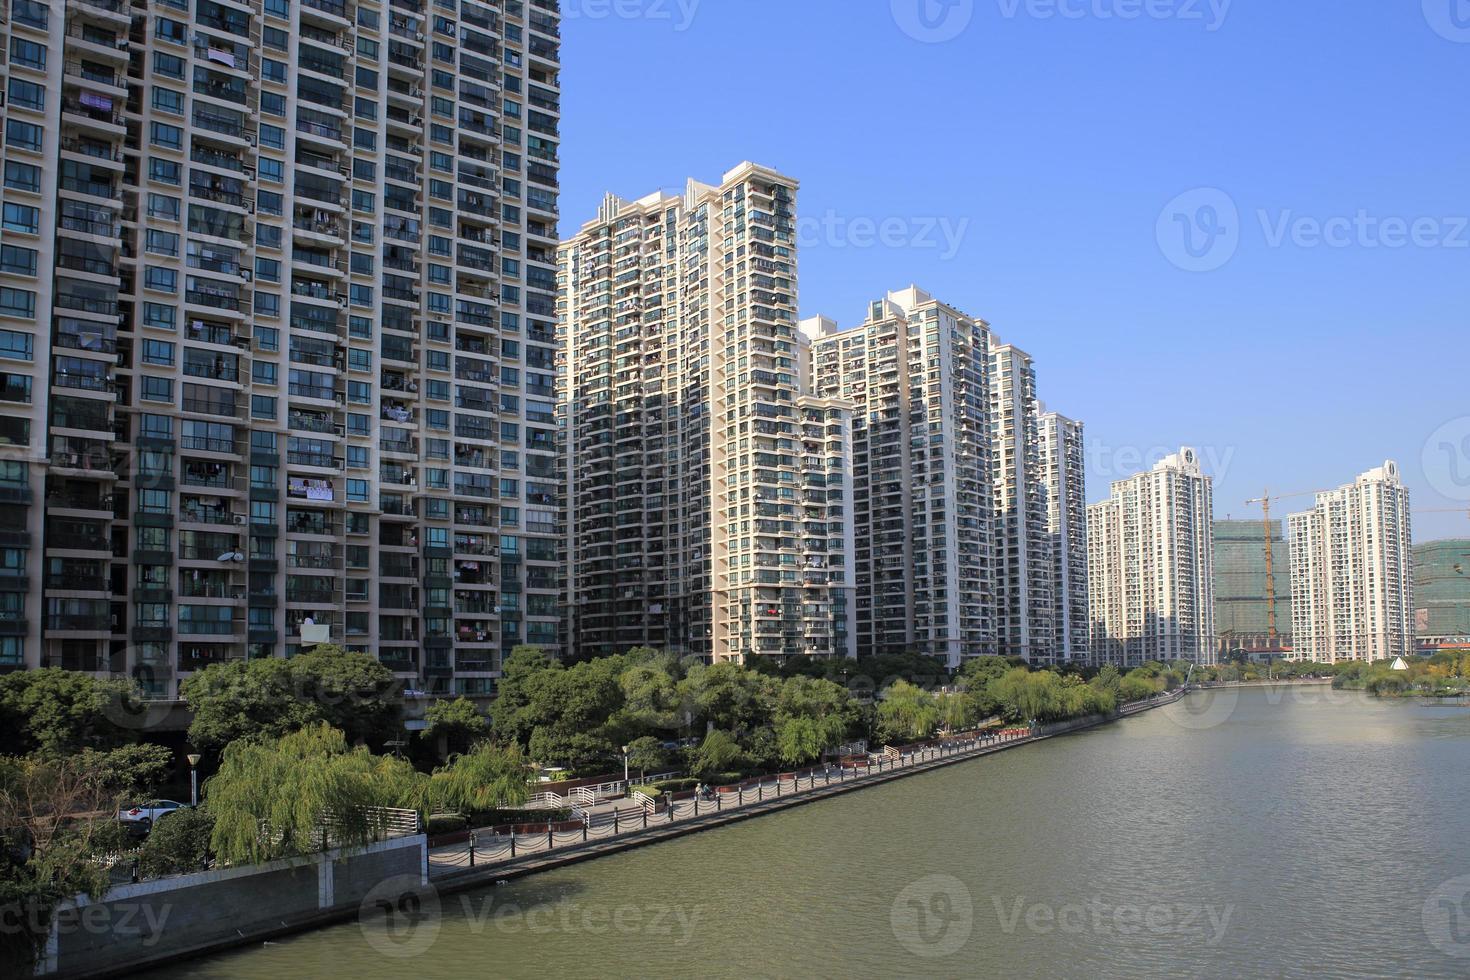 apartamentos del parque del río Shangai Suzhou foto